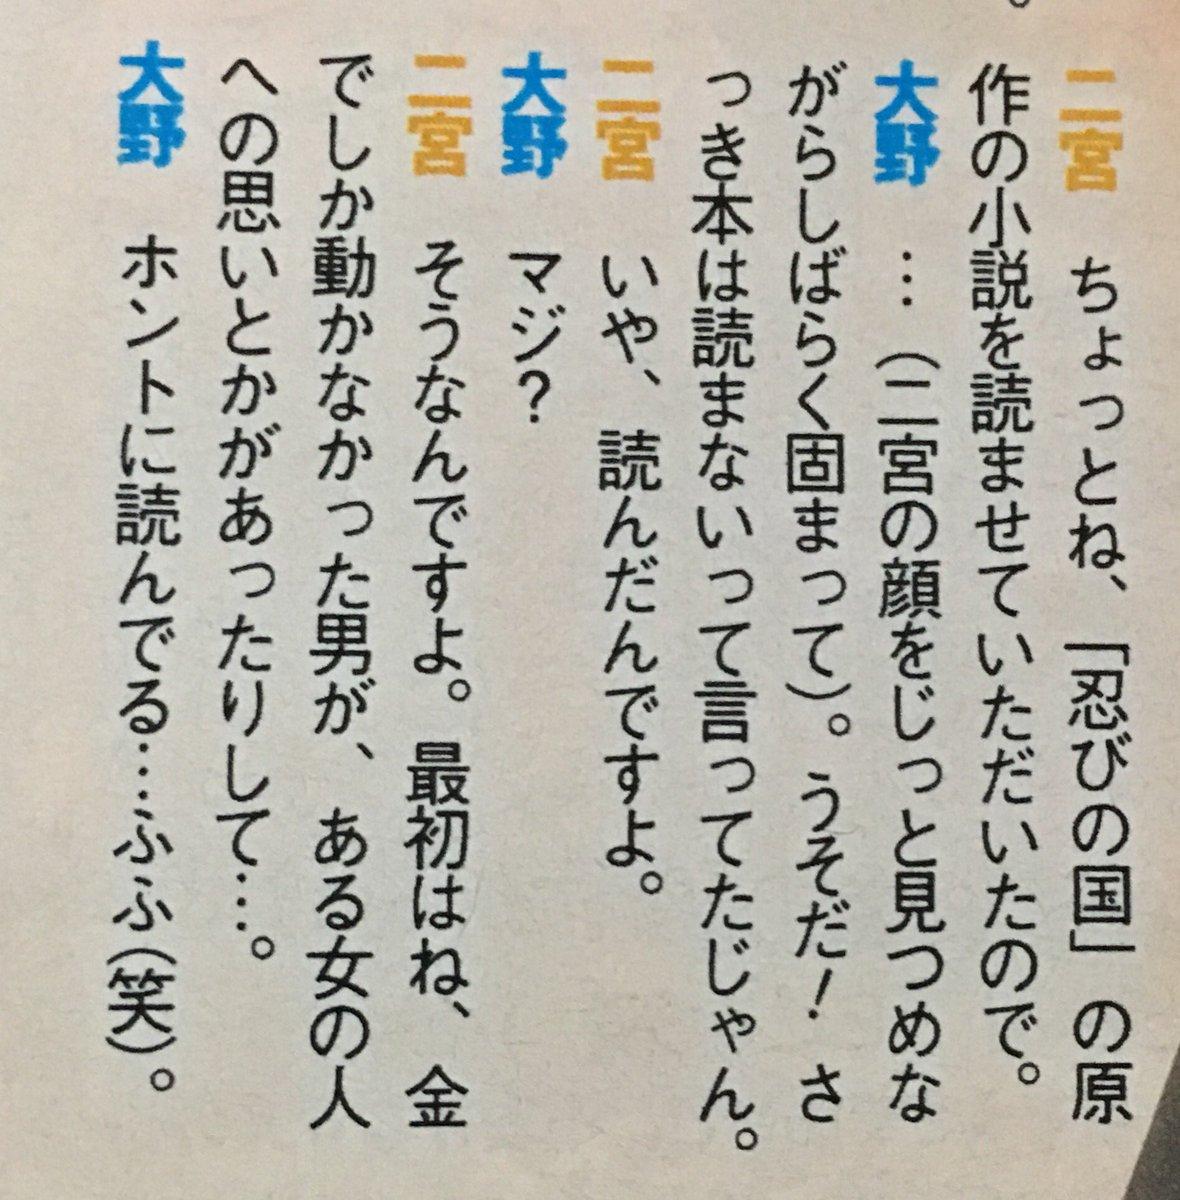 ニノちゃん忍びの国原作読んでる